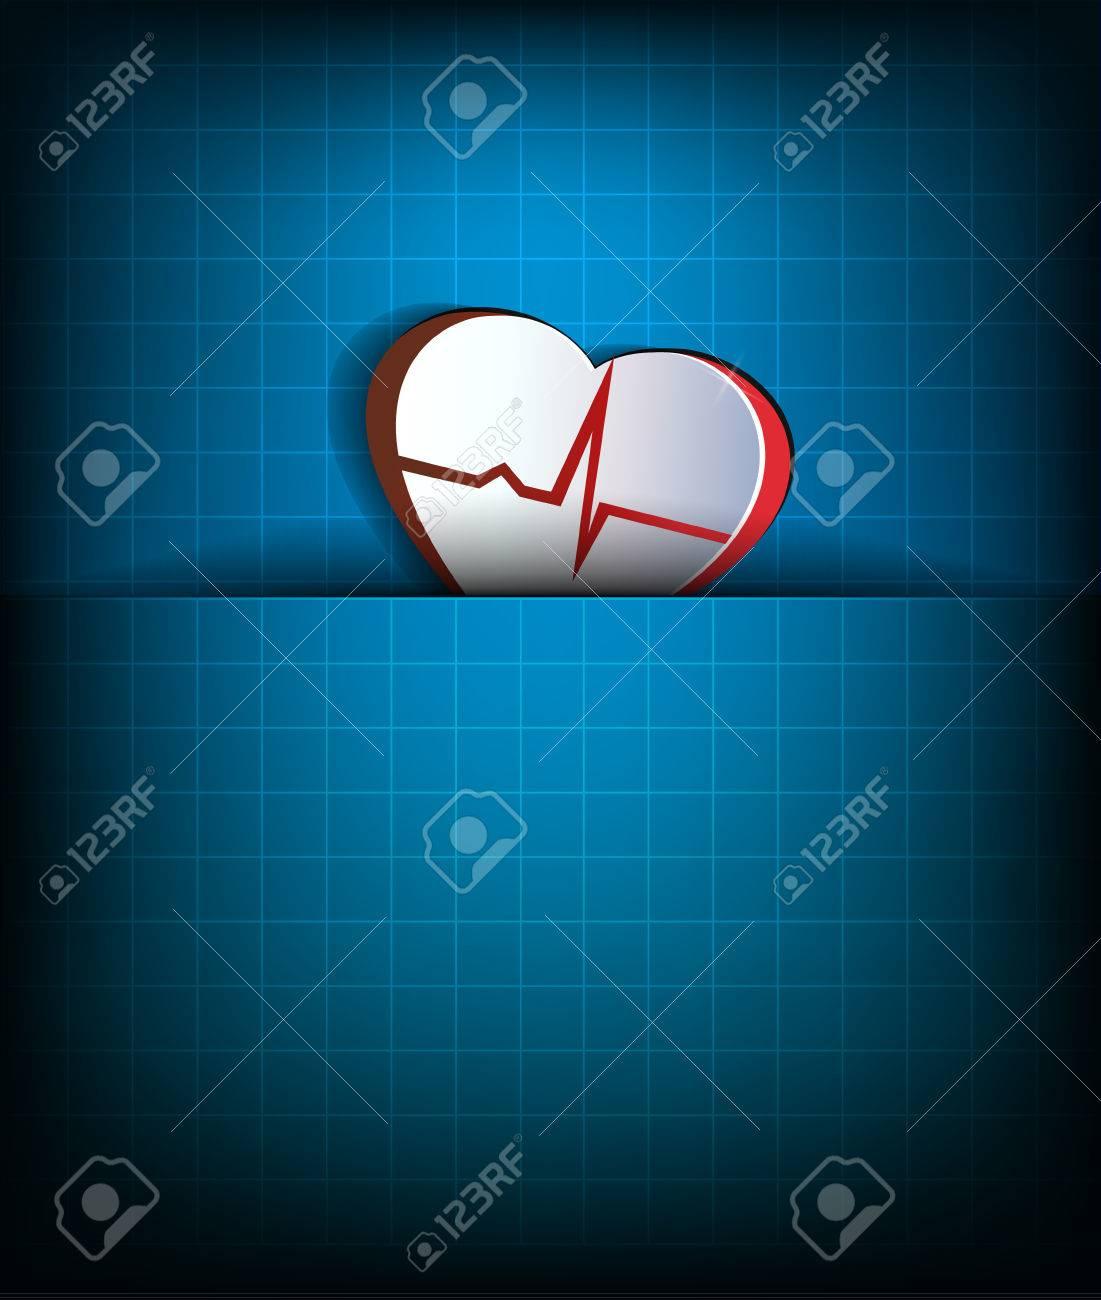 Heart beat HD Wallpaper | 1920x1080 | ID:53481 - WallpaperVortex.com